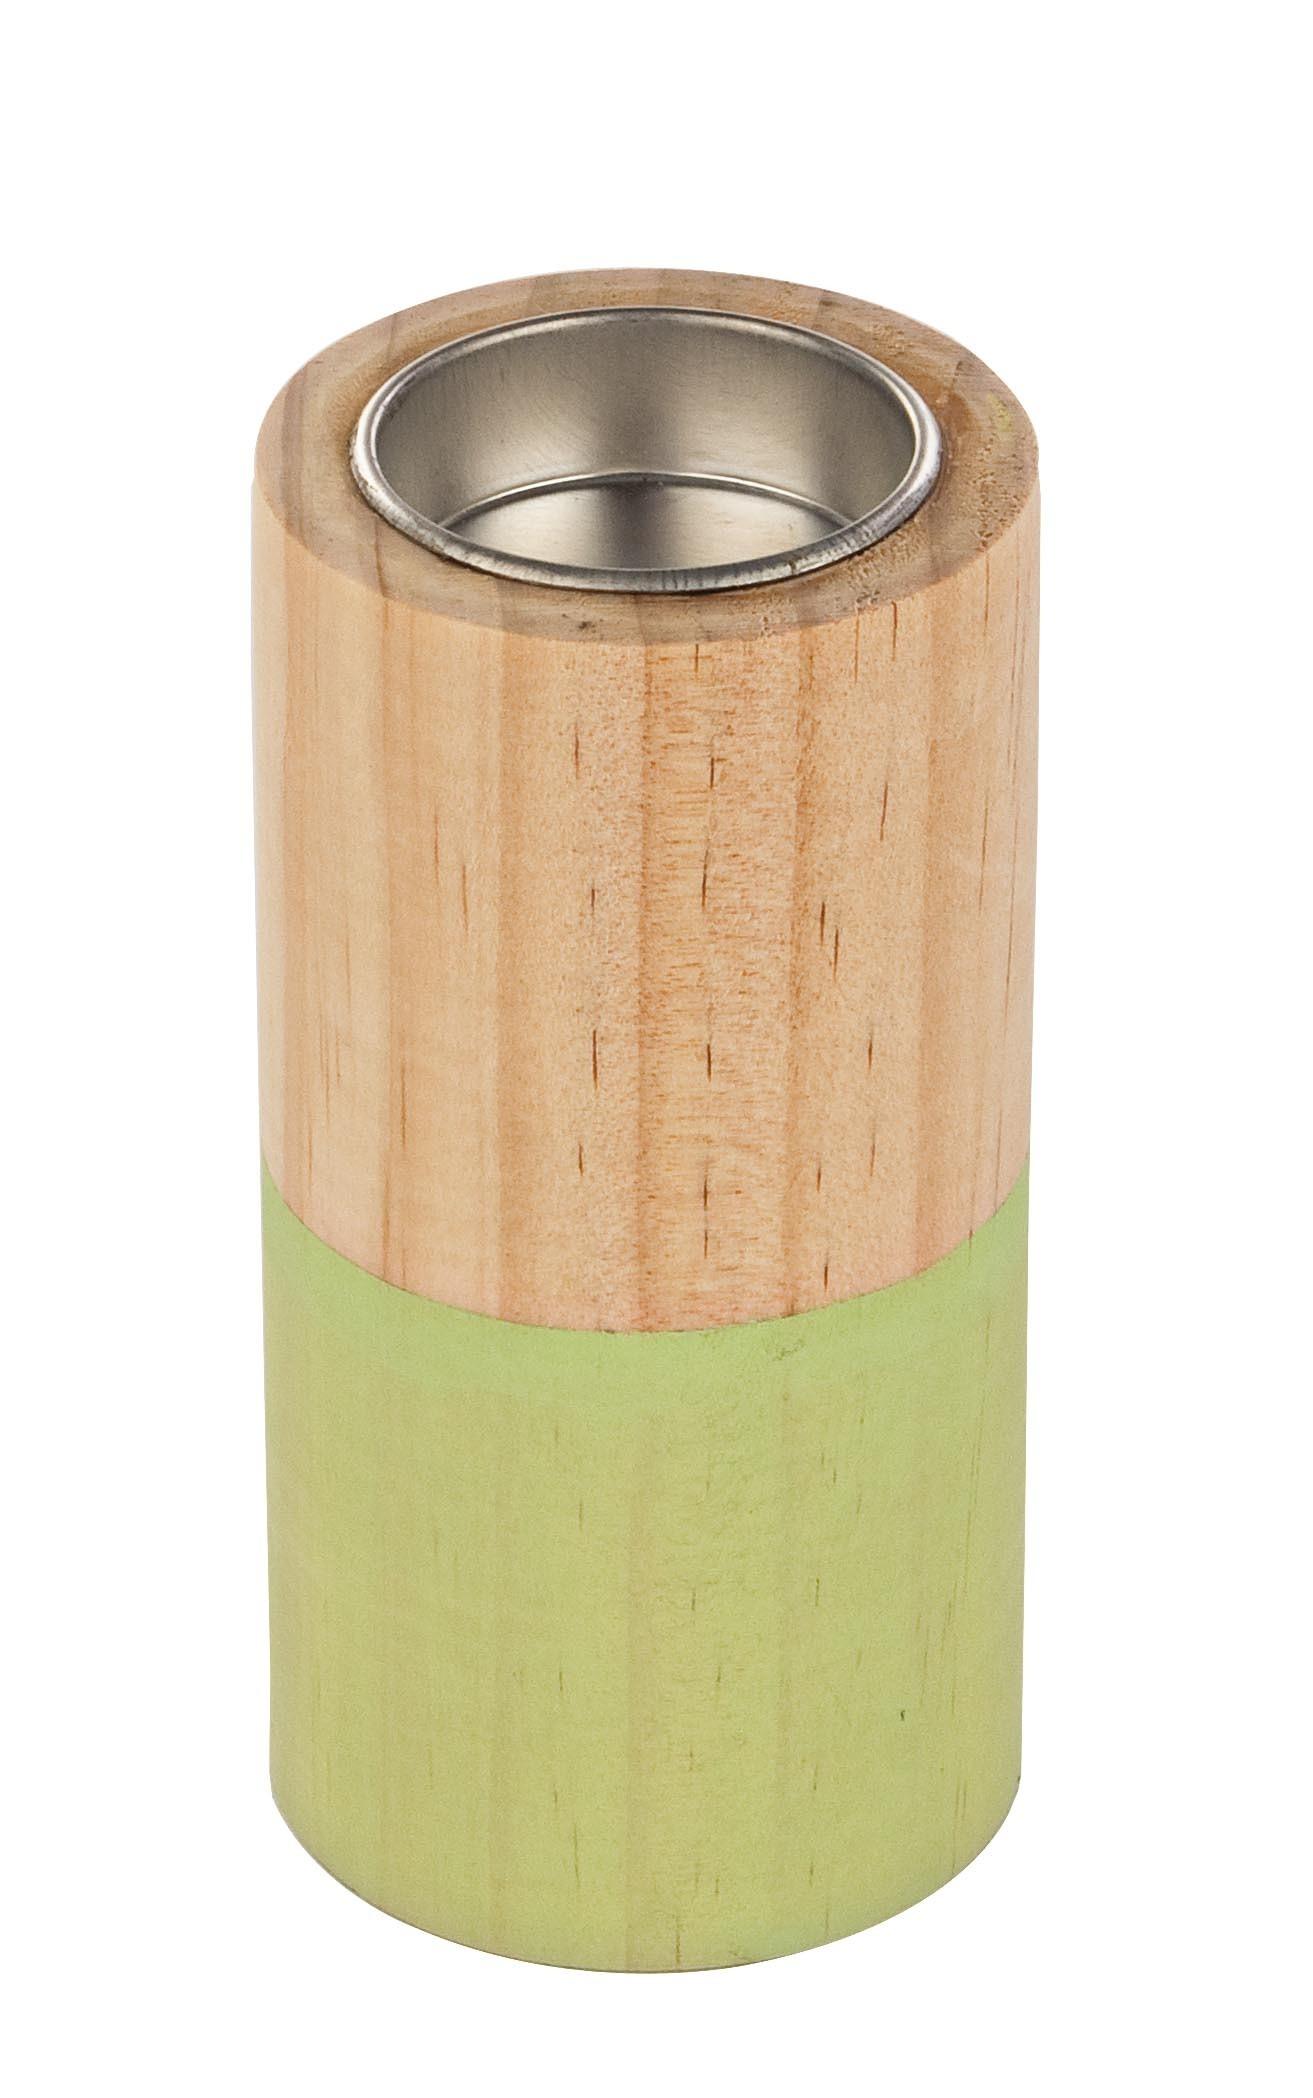 Suport lumanare din lemn Cylinder Verde / Natural, Ø6xH12 cm imagine